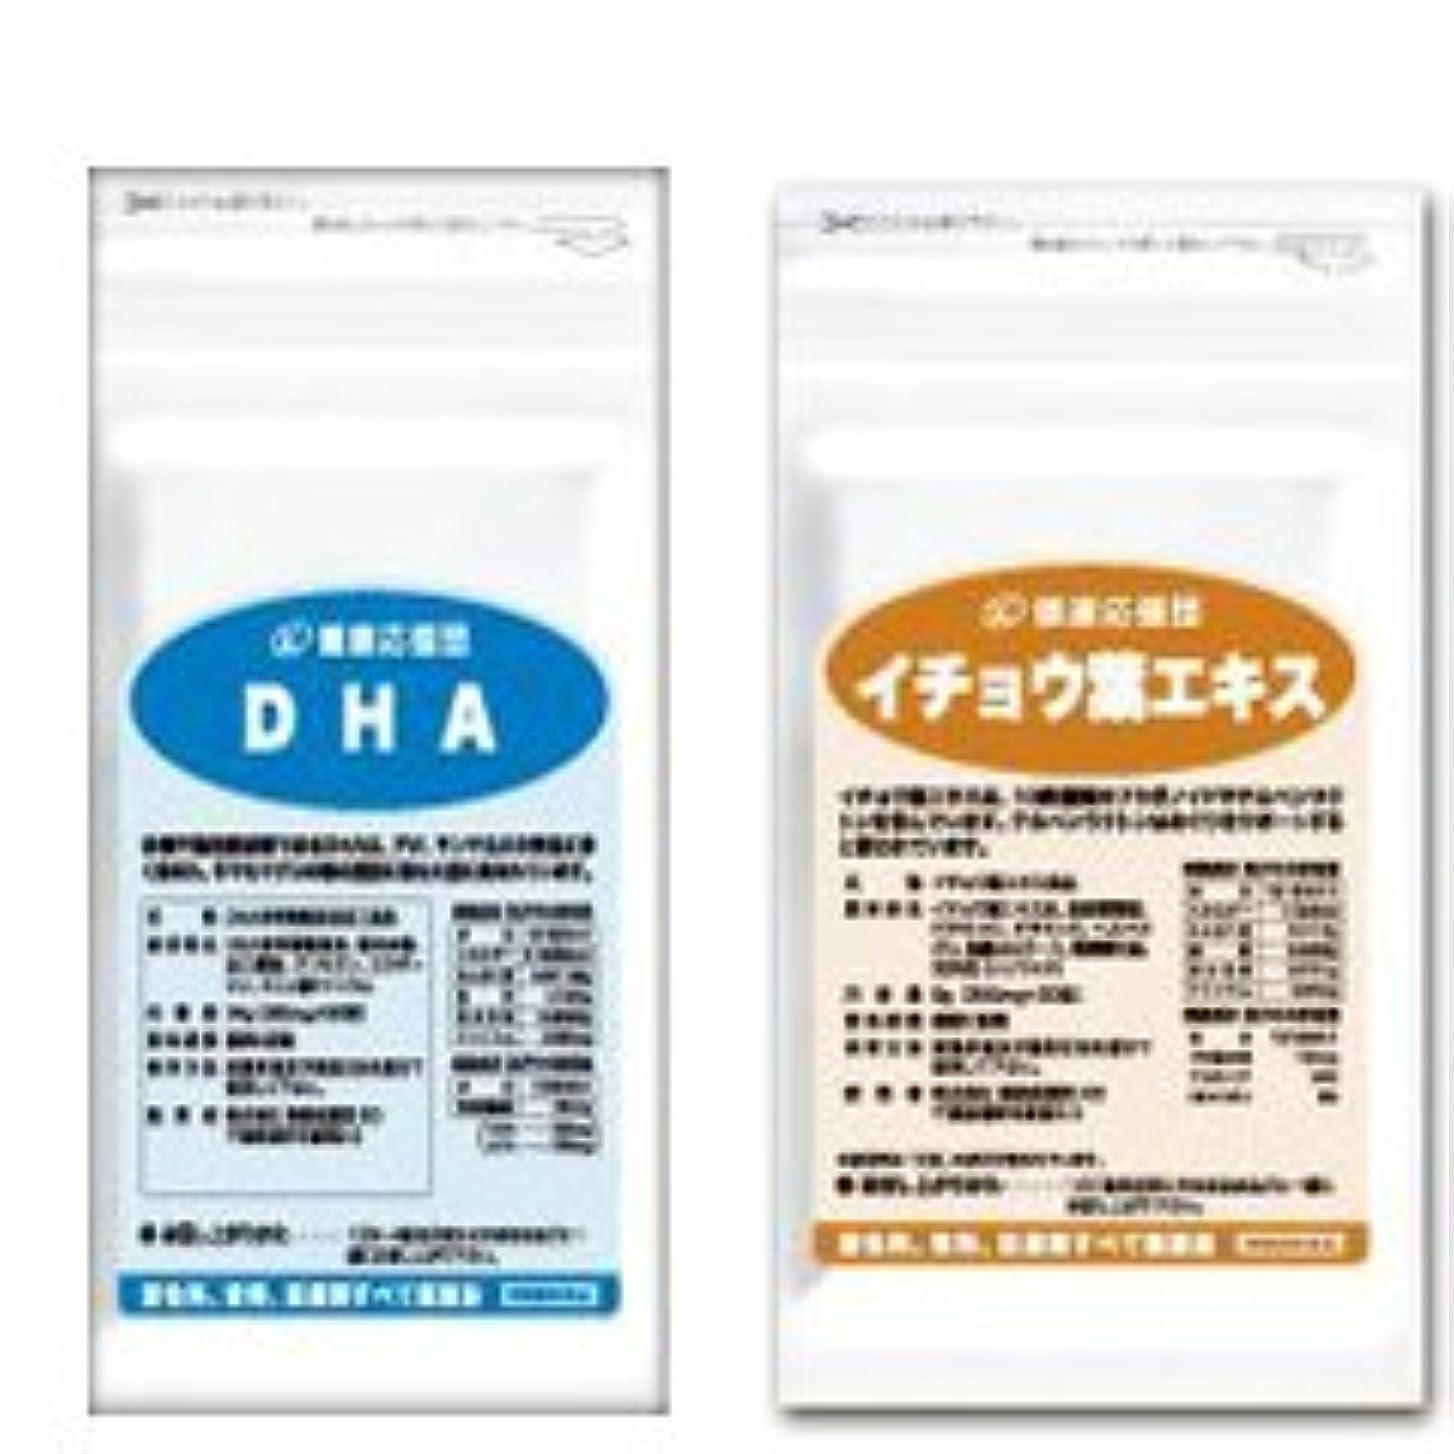 ブランド名クラシカル説明的(お徳用6か月分)サラサラ巡りセット DHA + イチョウ葉エキス 6袋セット (DHA?EPA?イチョウ葉?ビタミンC?ビタミンE?ビタミンP配合)